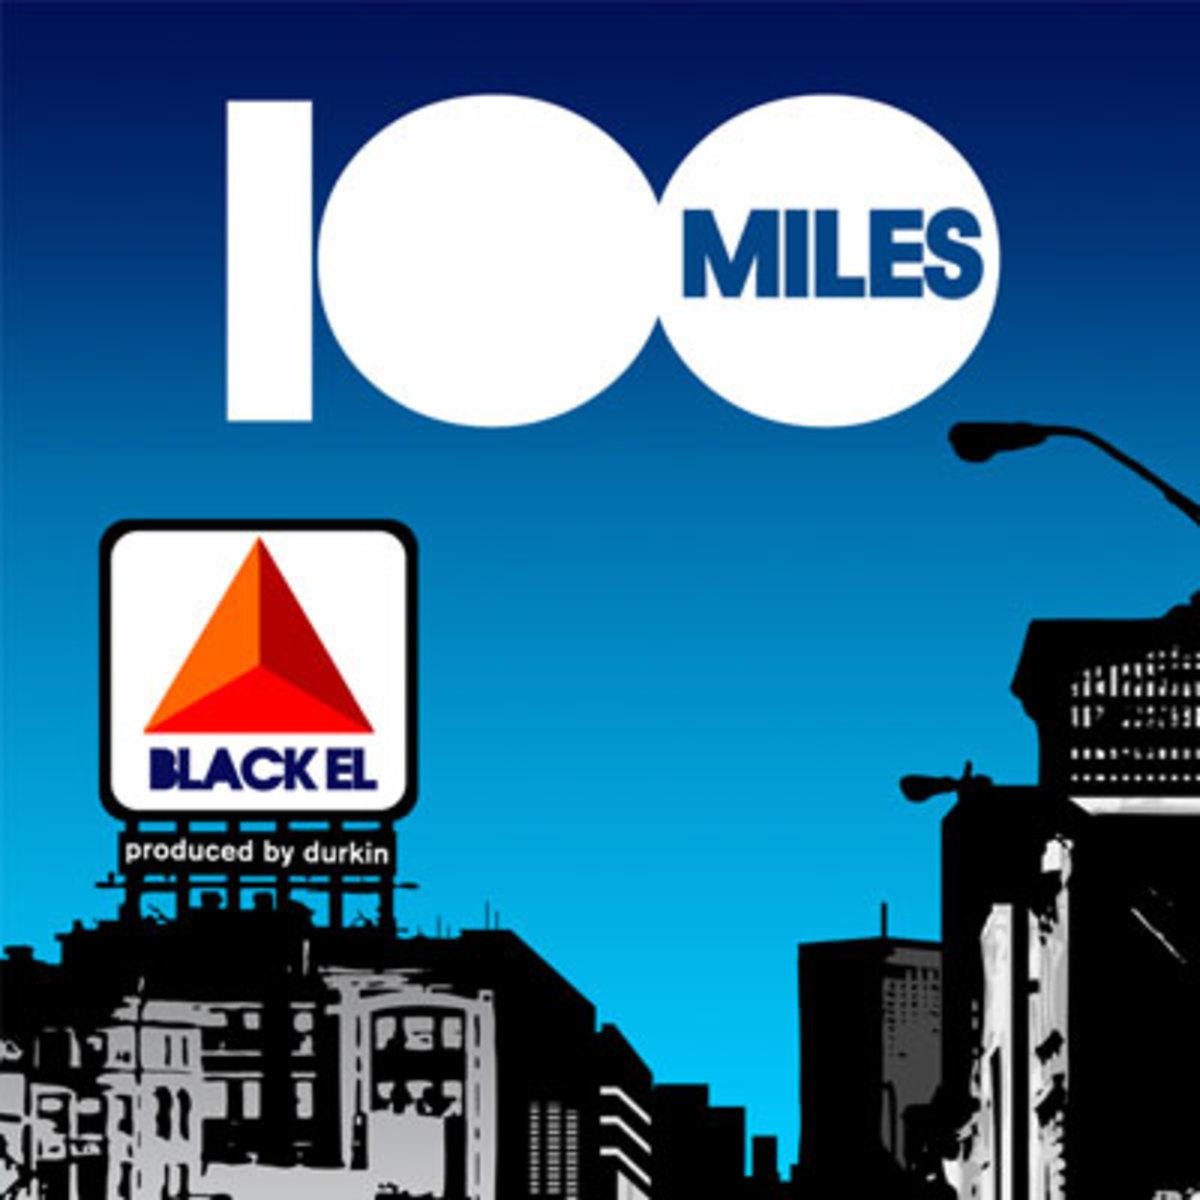 blackel-100miles.jpg